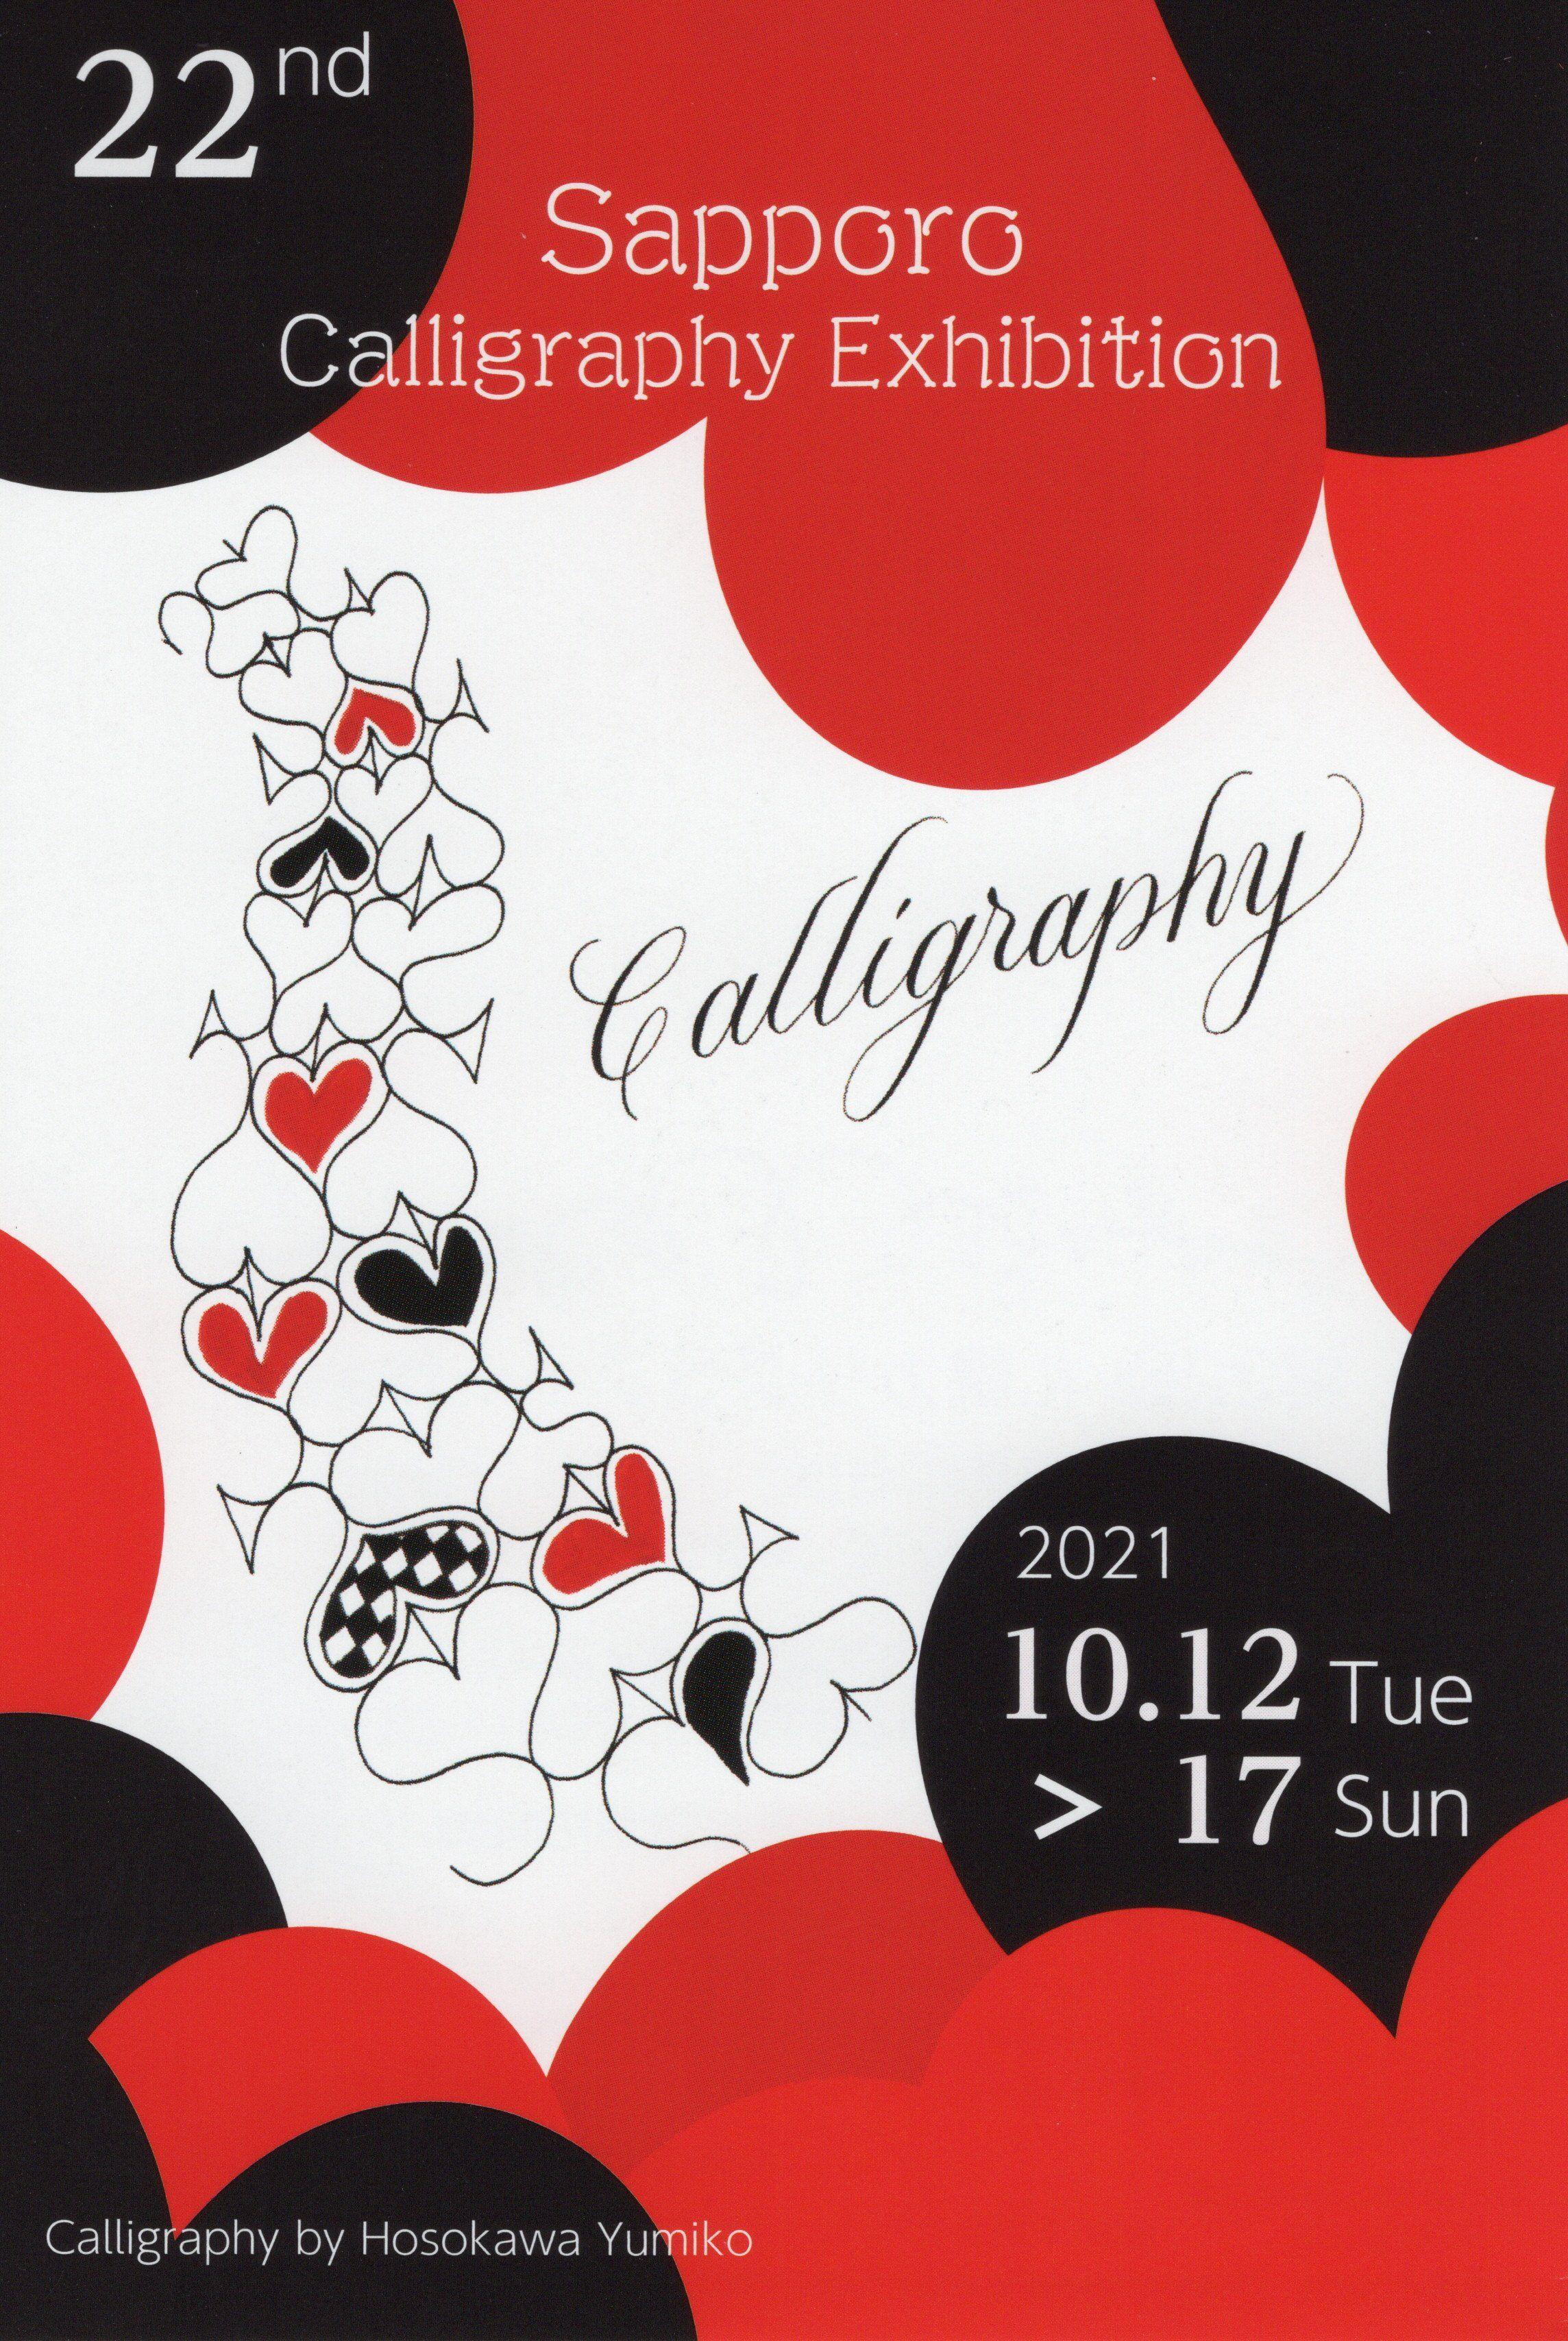 第22回札幌カリグラフィー作品展 イメージ画像